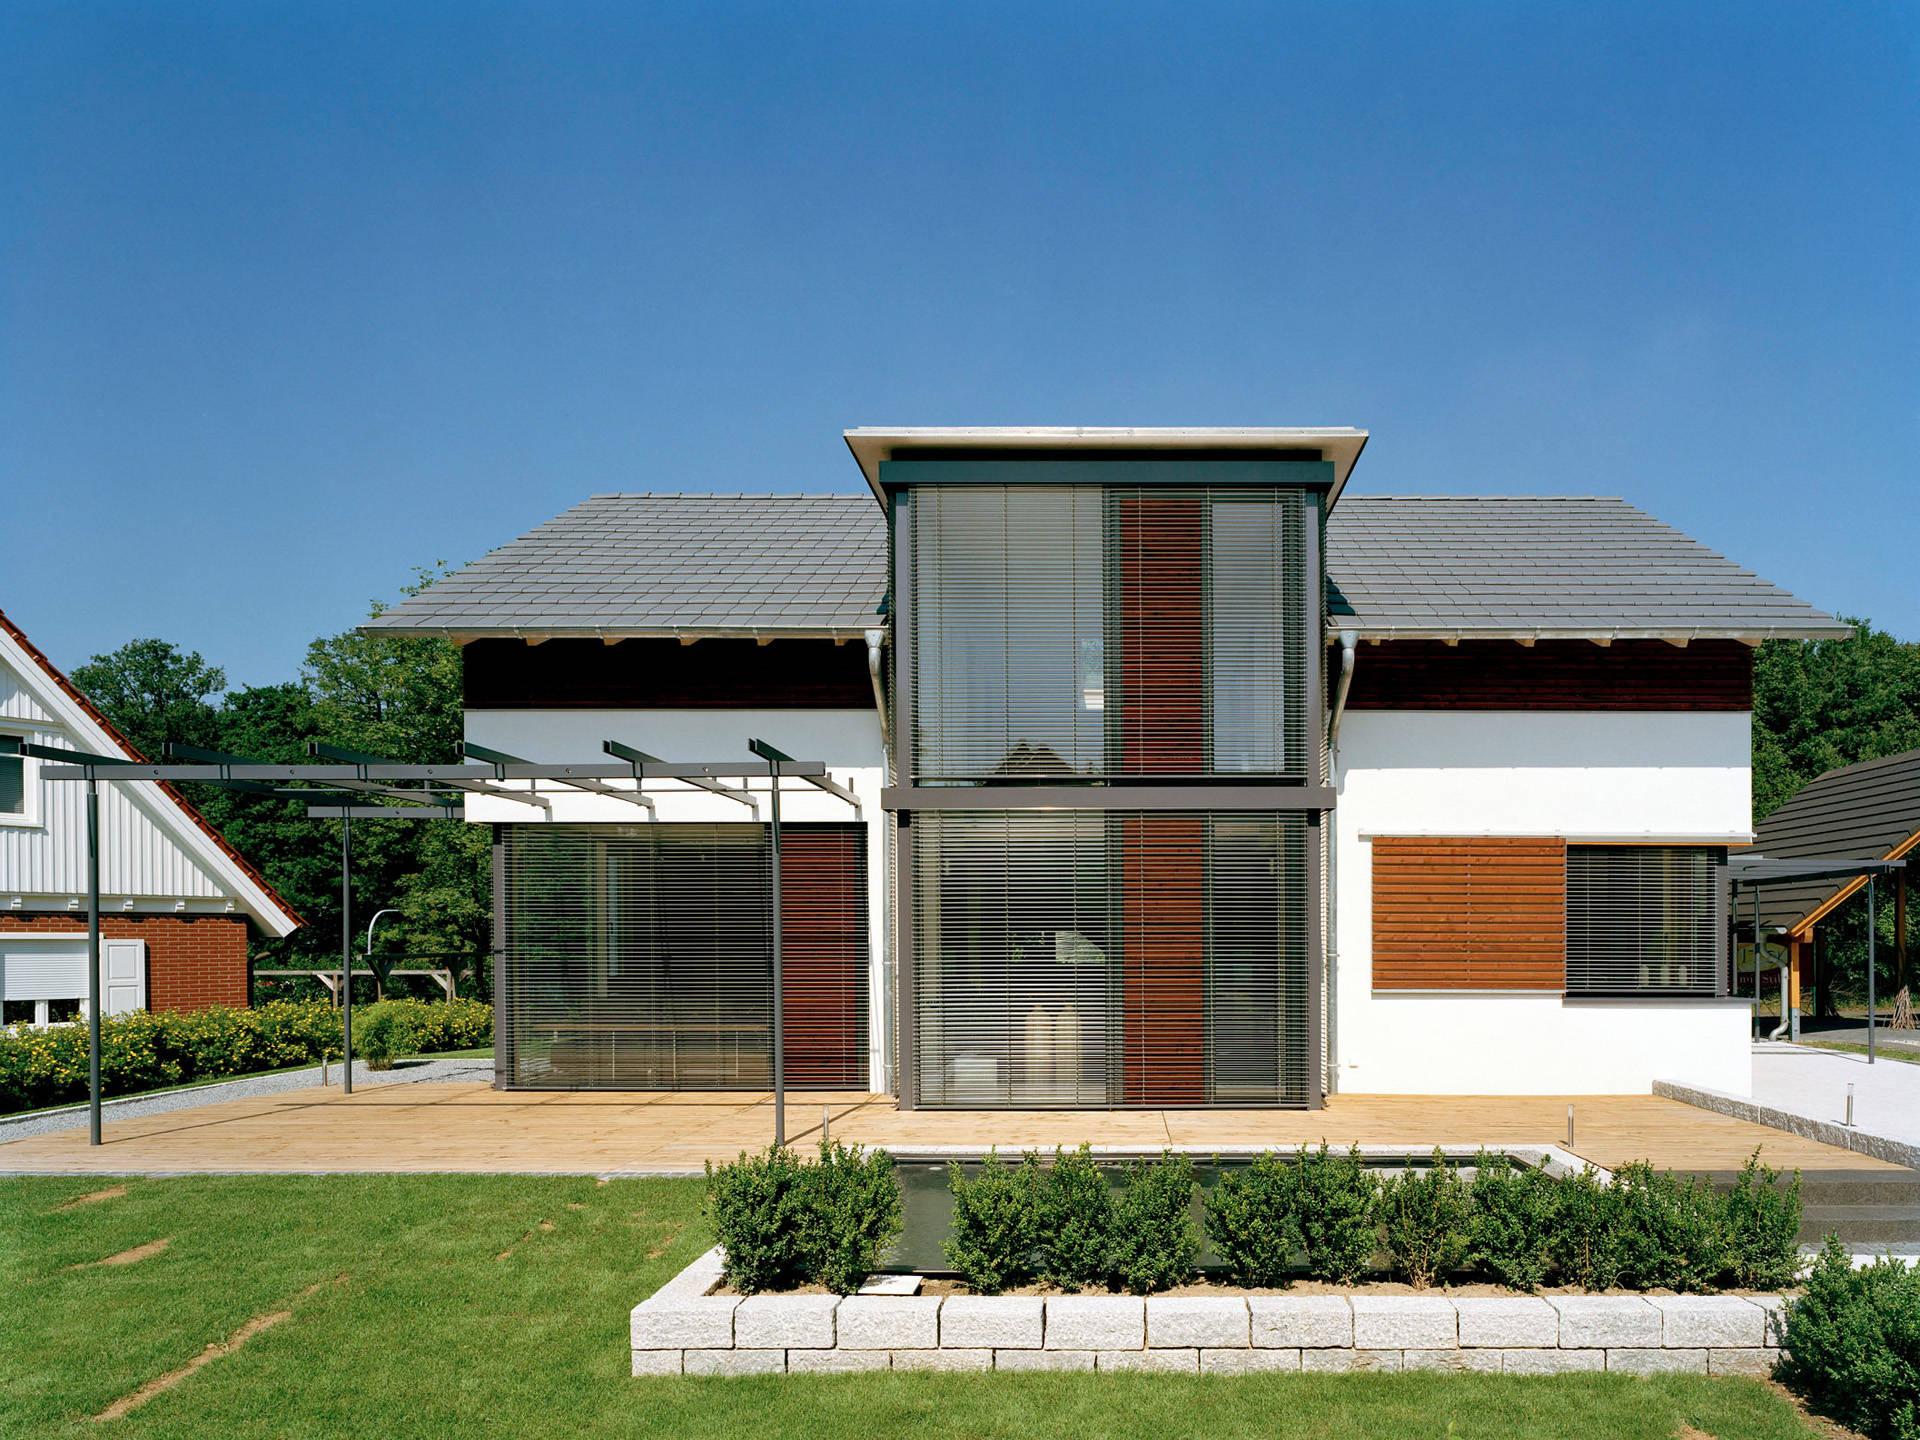 frammelsberger musterhaus bad vilbel frammelsberger r. Black Bedroom Furniture Sets. Home Design Ideas